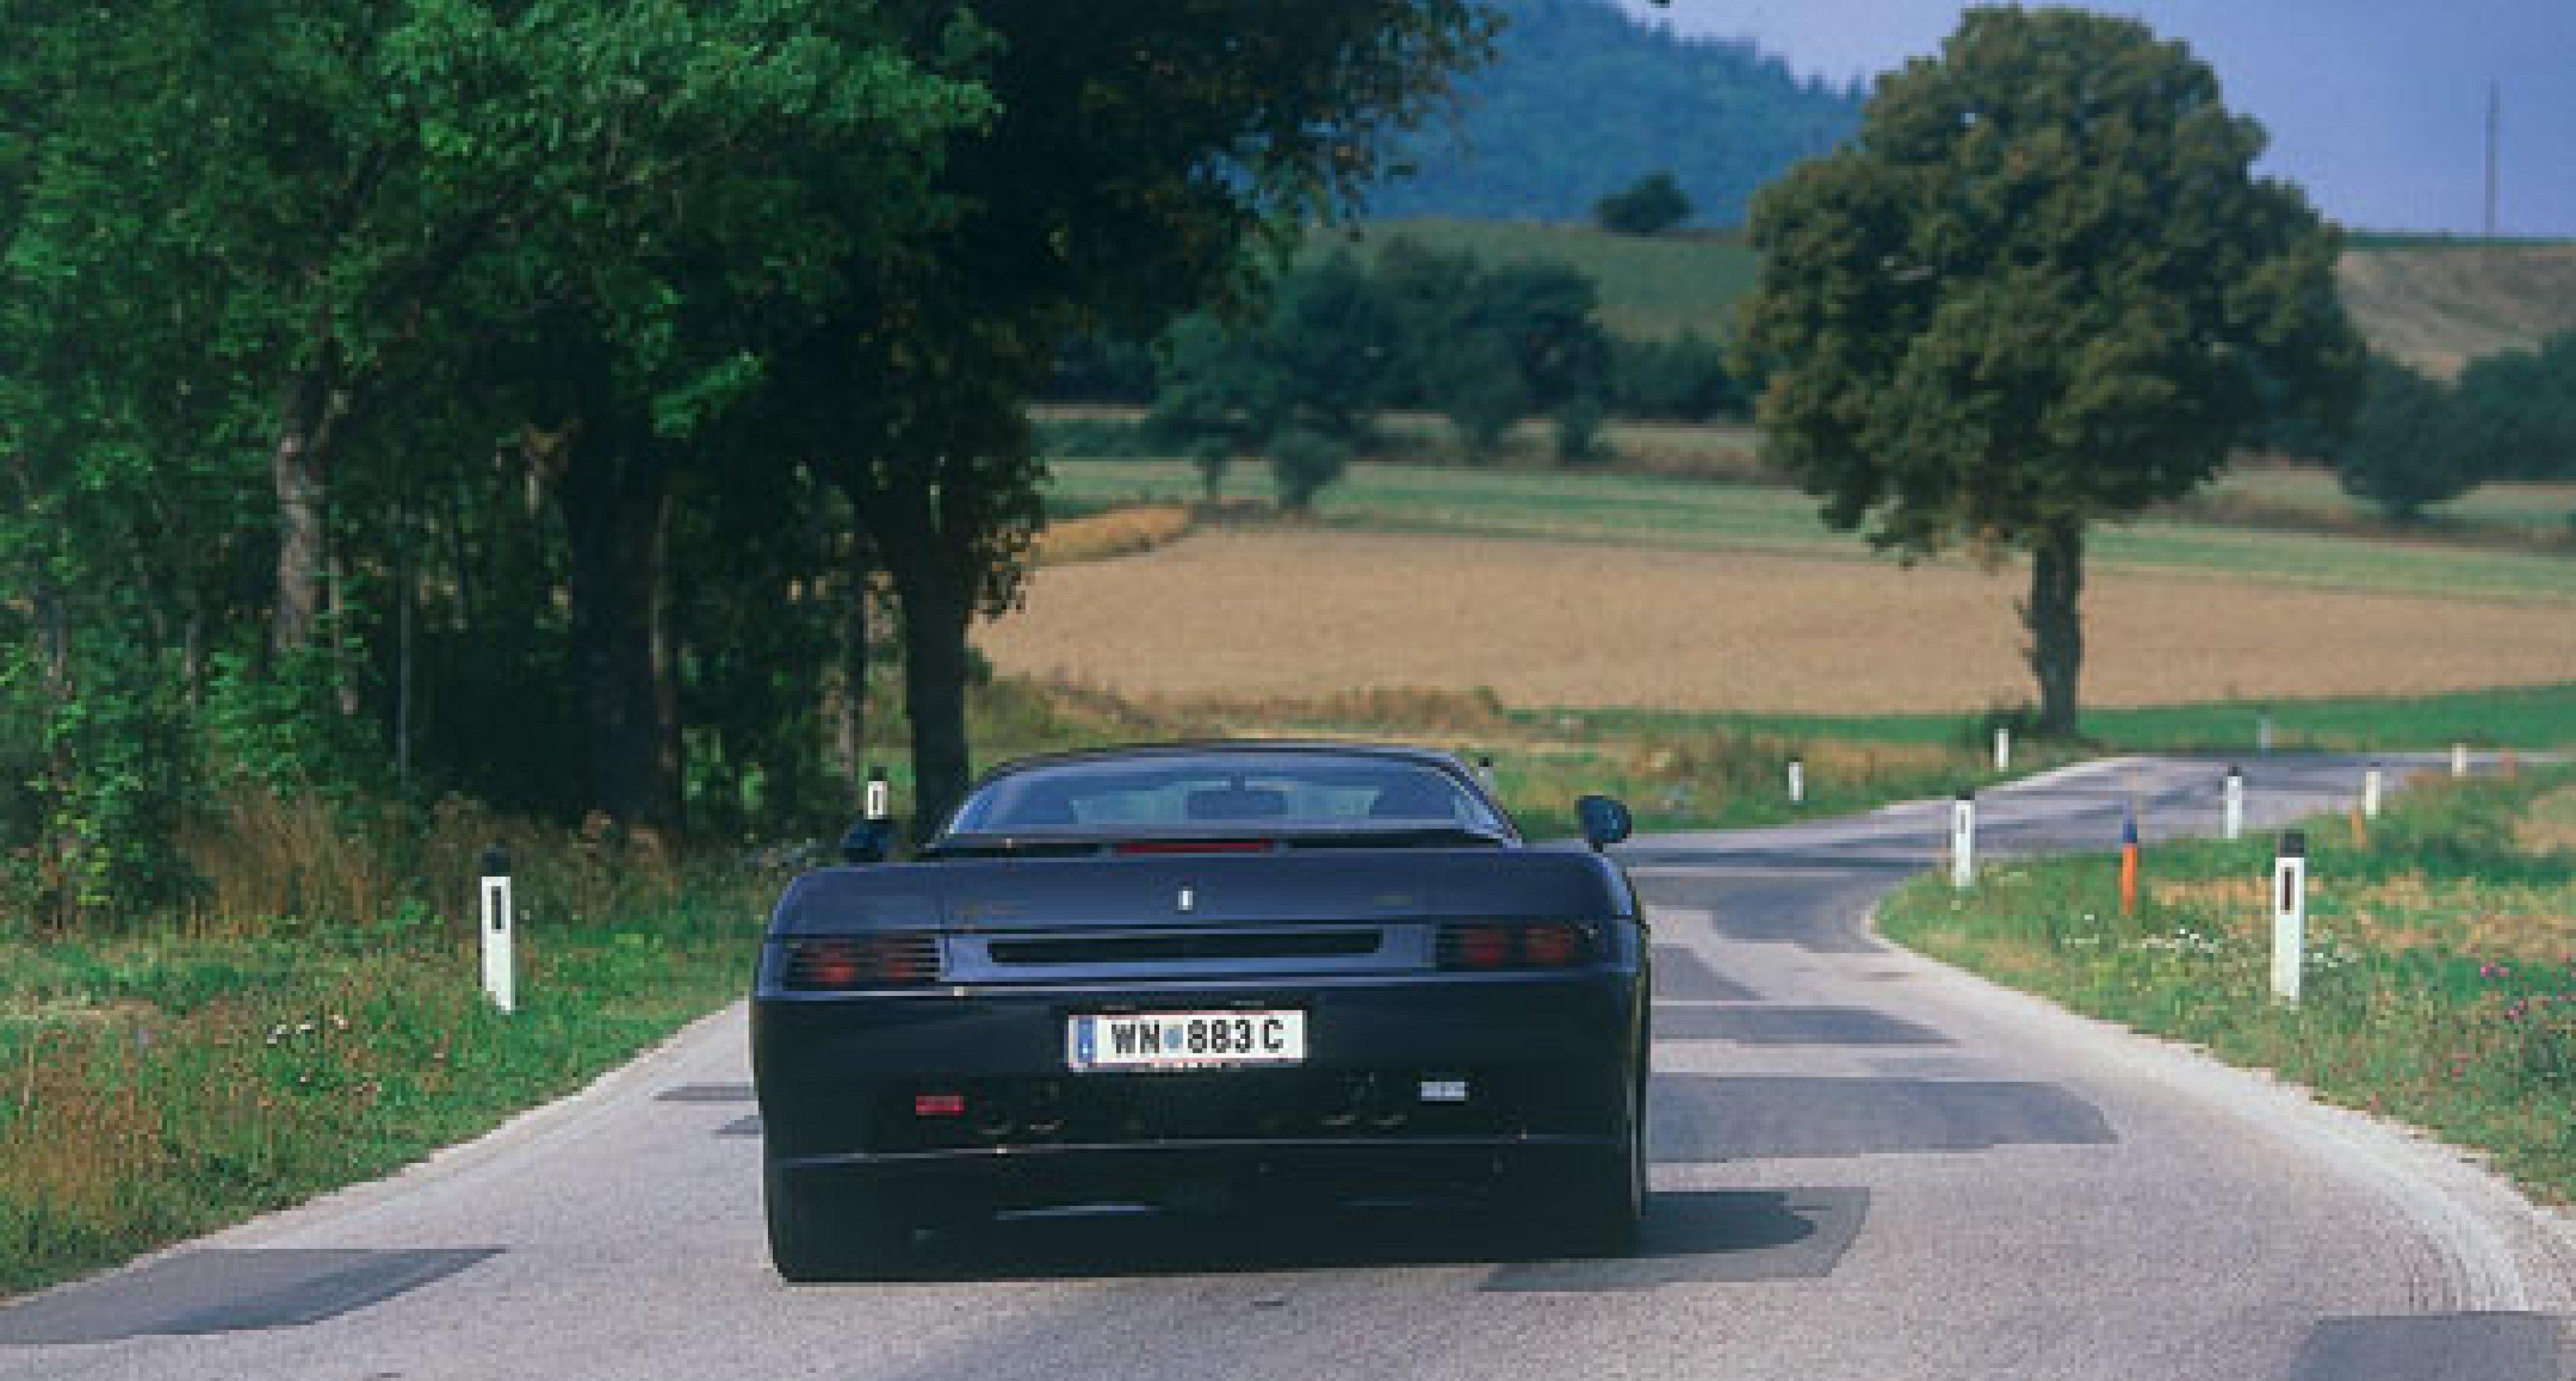 De Tomaso Guara - The Enigmatic Supercar